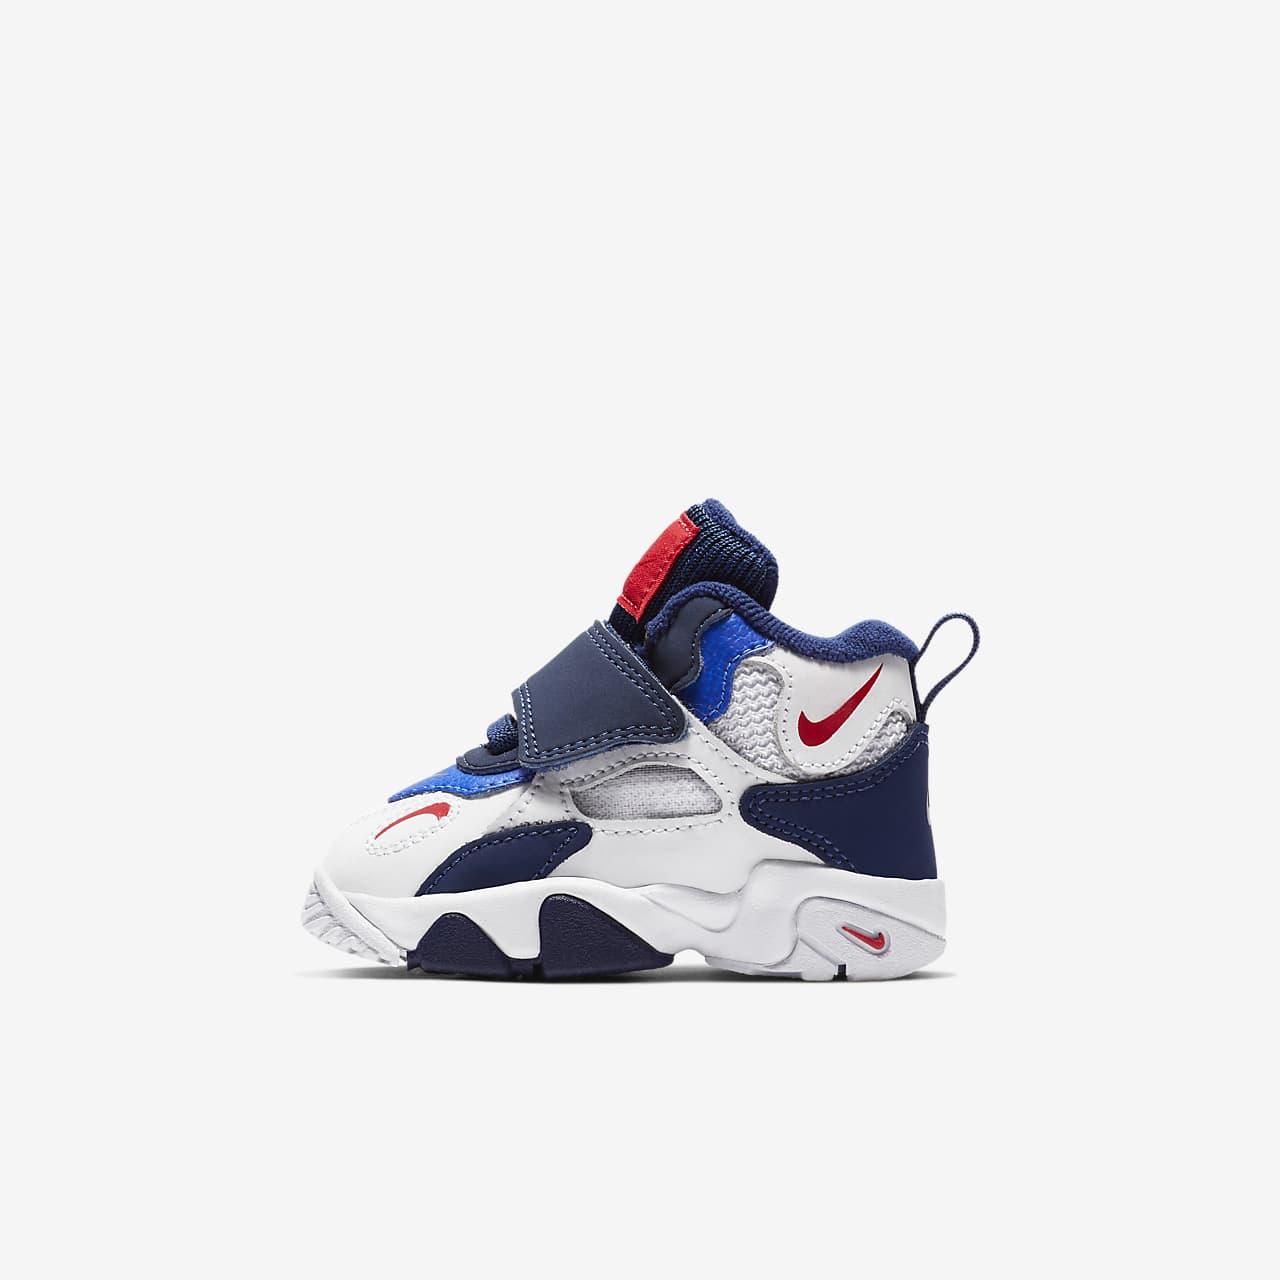 Nike Speed Turf Infant/Toddler Shoe